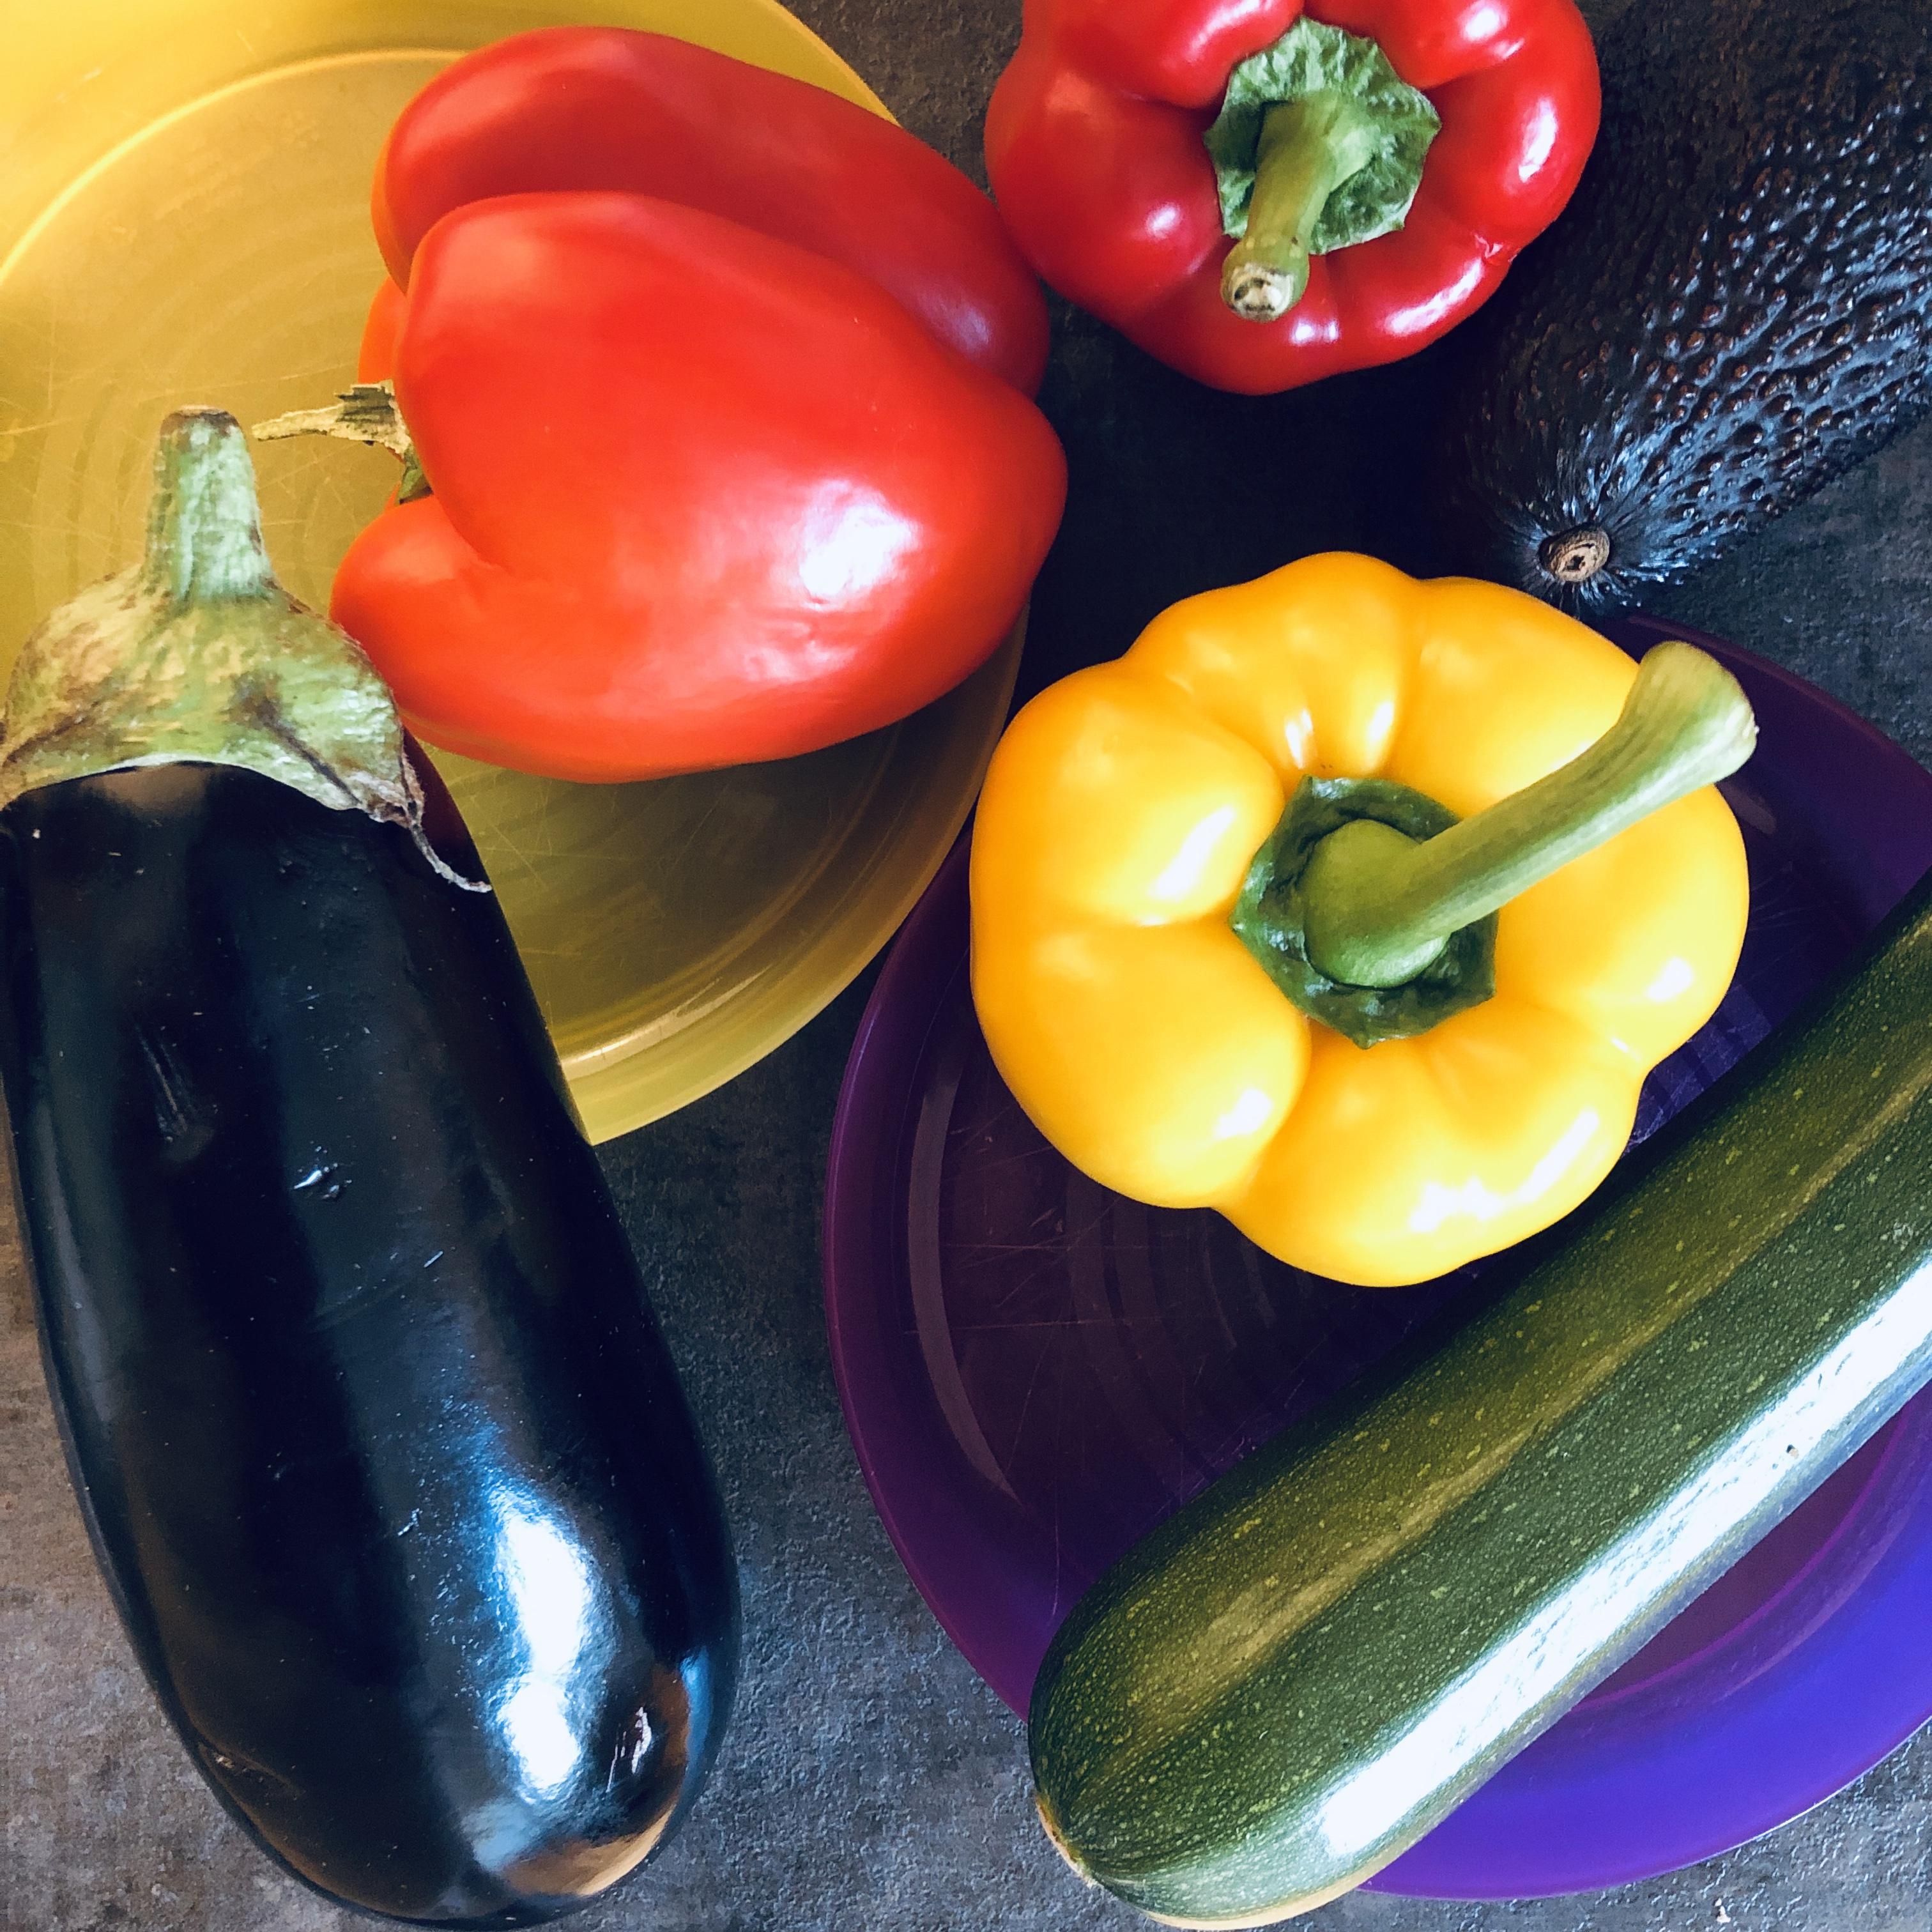 Gemüse auf Kinderteller